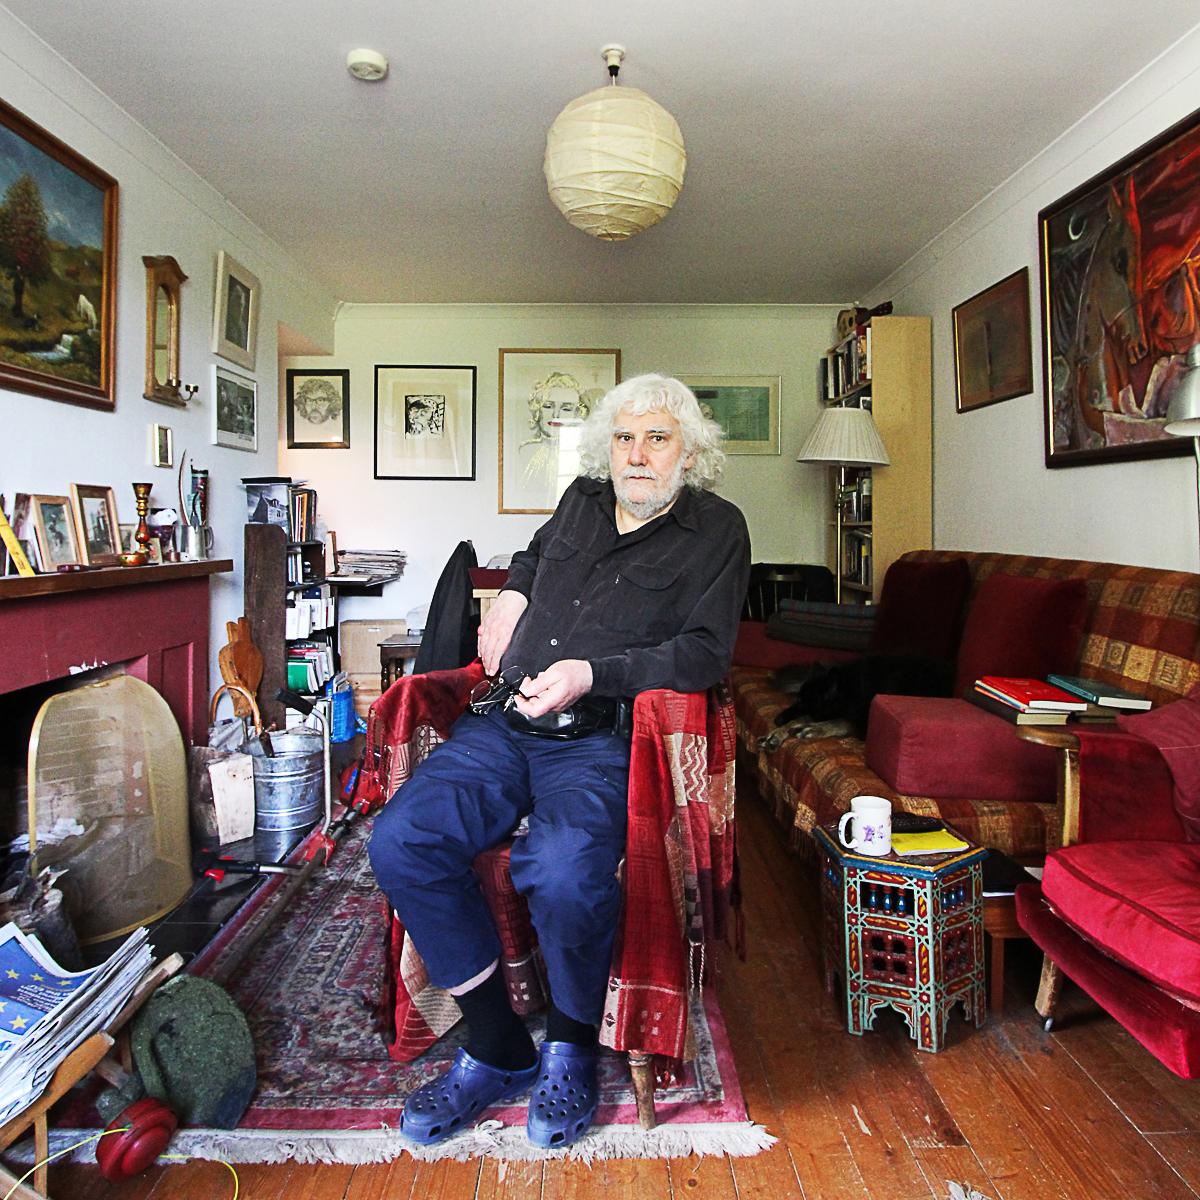 Aonghas MacNeacail, poet, songwriter